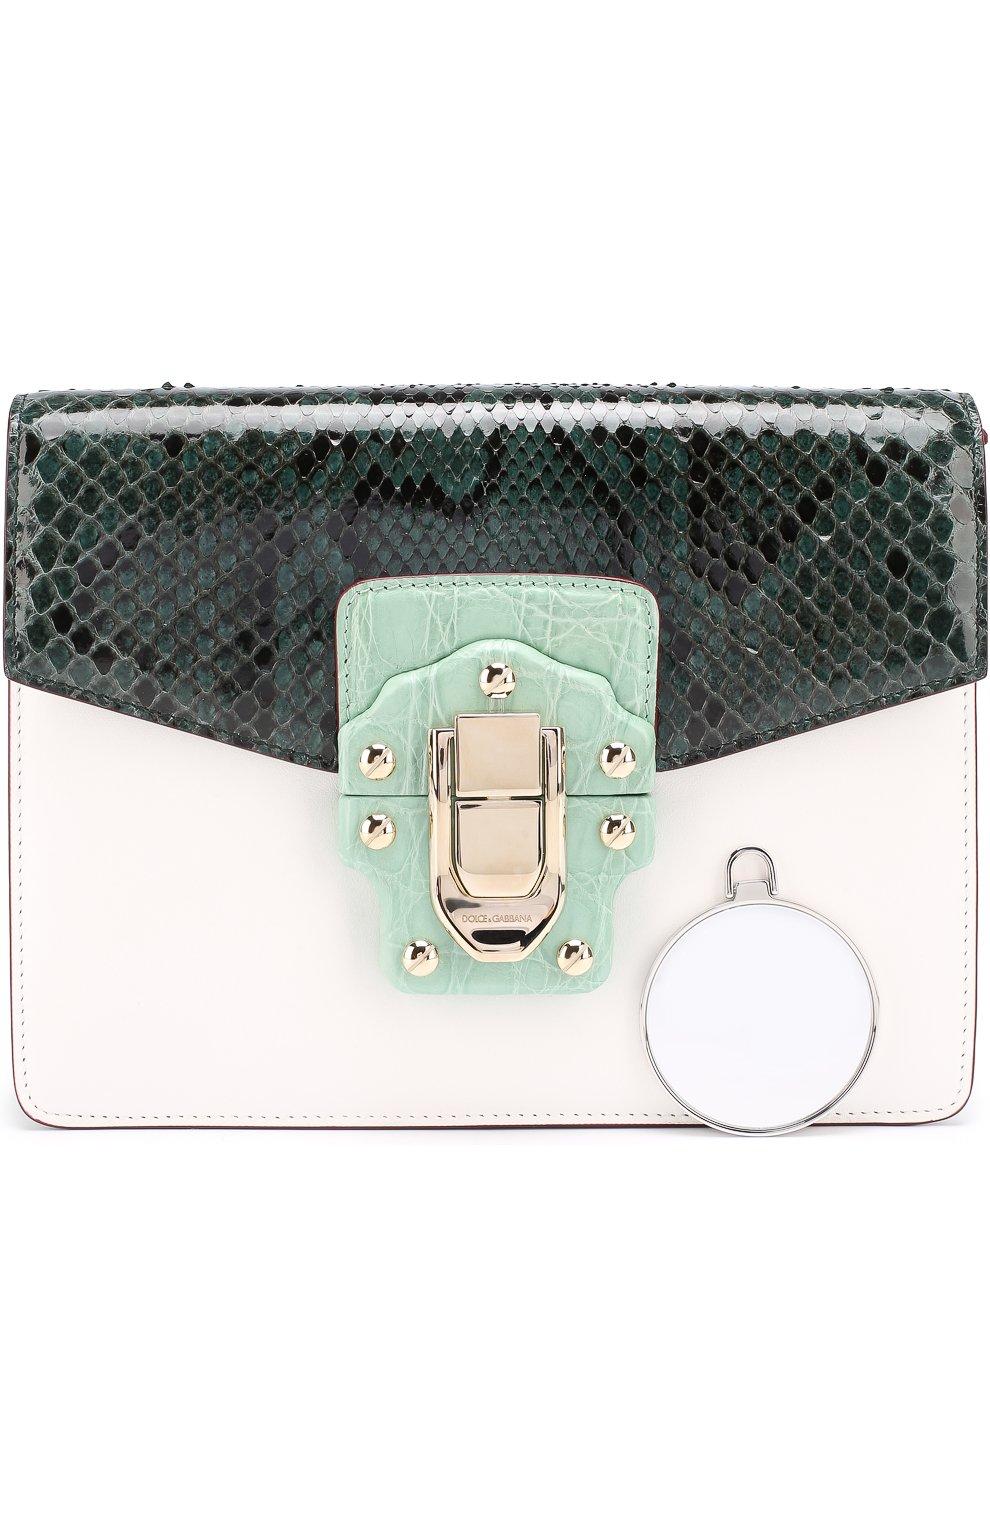 Сумка Lucia с отделкой из кожи питона и каймана Dolce & Gabbana зеленая цвета | Фото №5